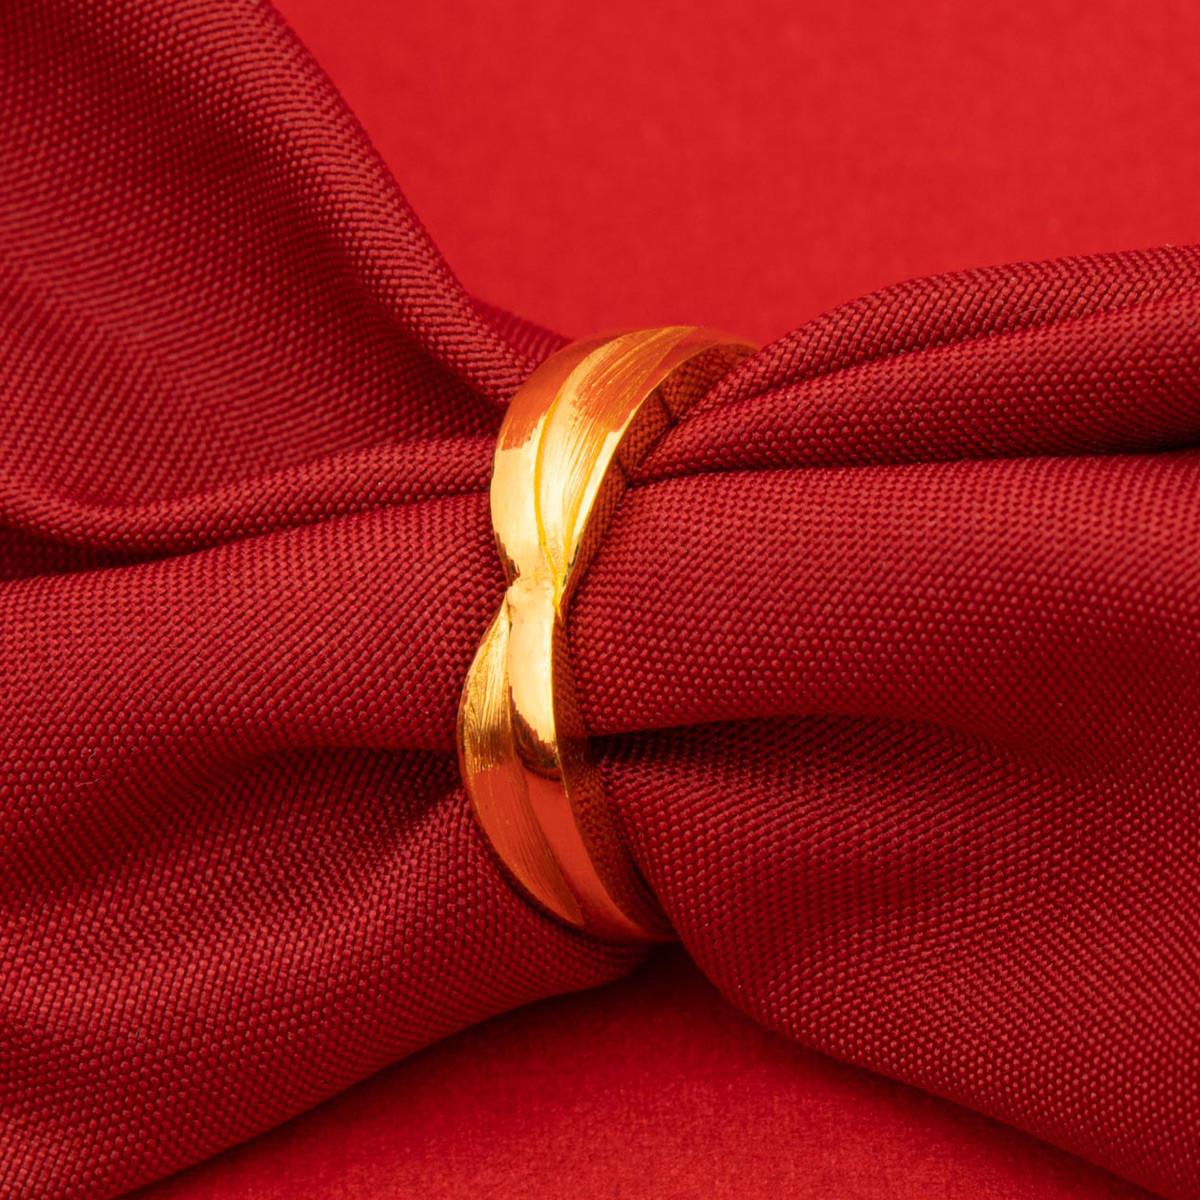 中国黄金足金黄金戒指遇见的那天戒指珠宝黄金首饰精品计价ZGHJJZ2351